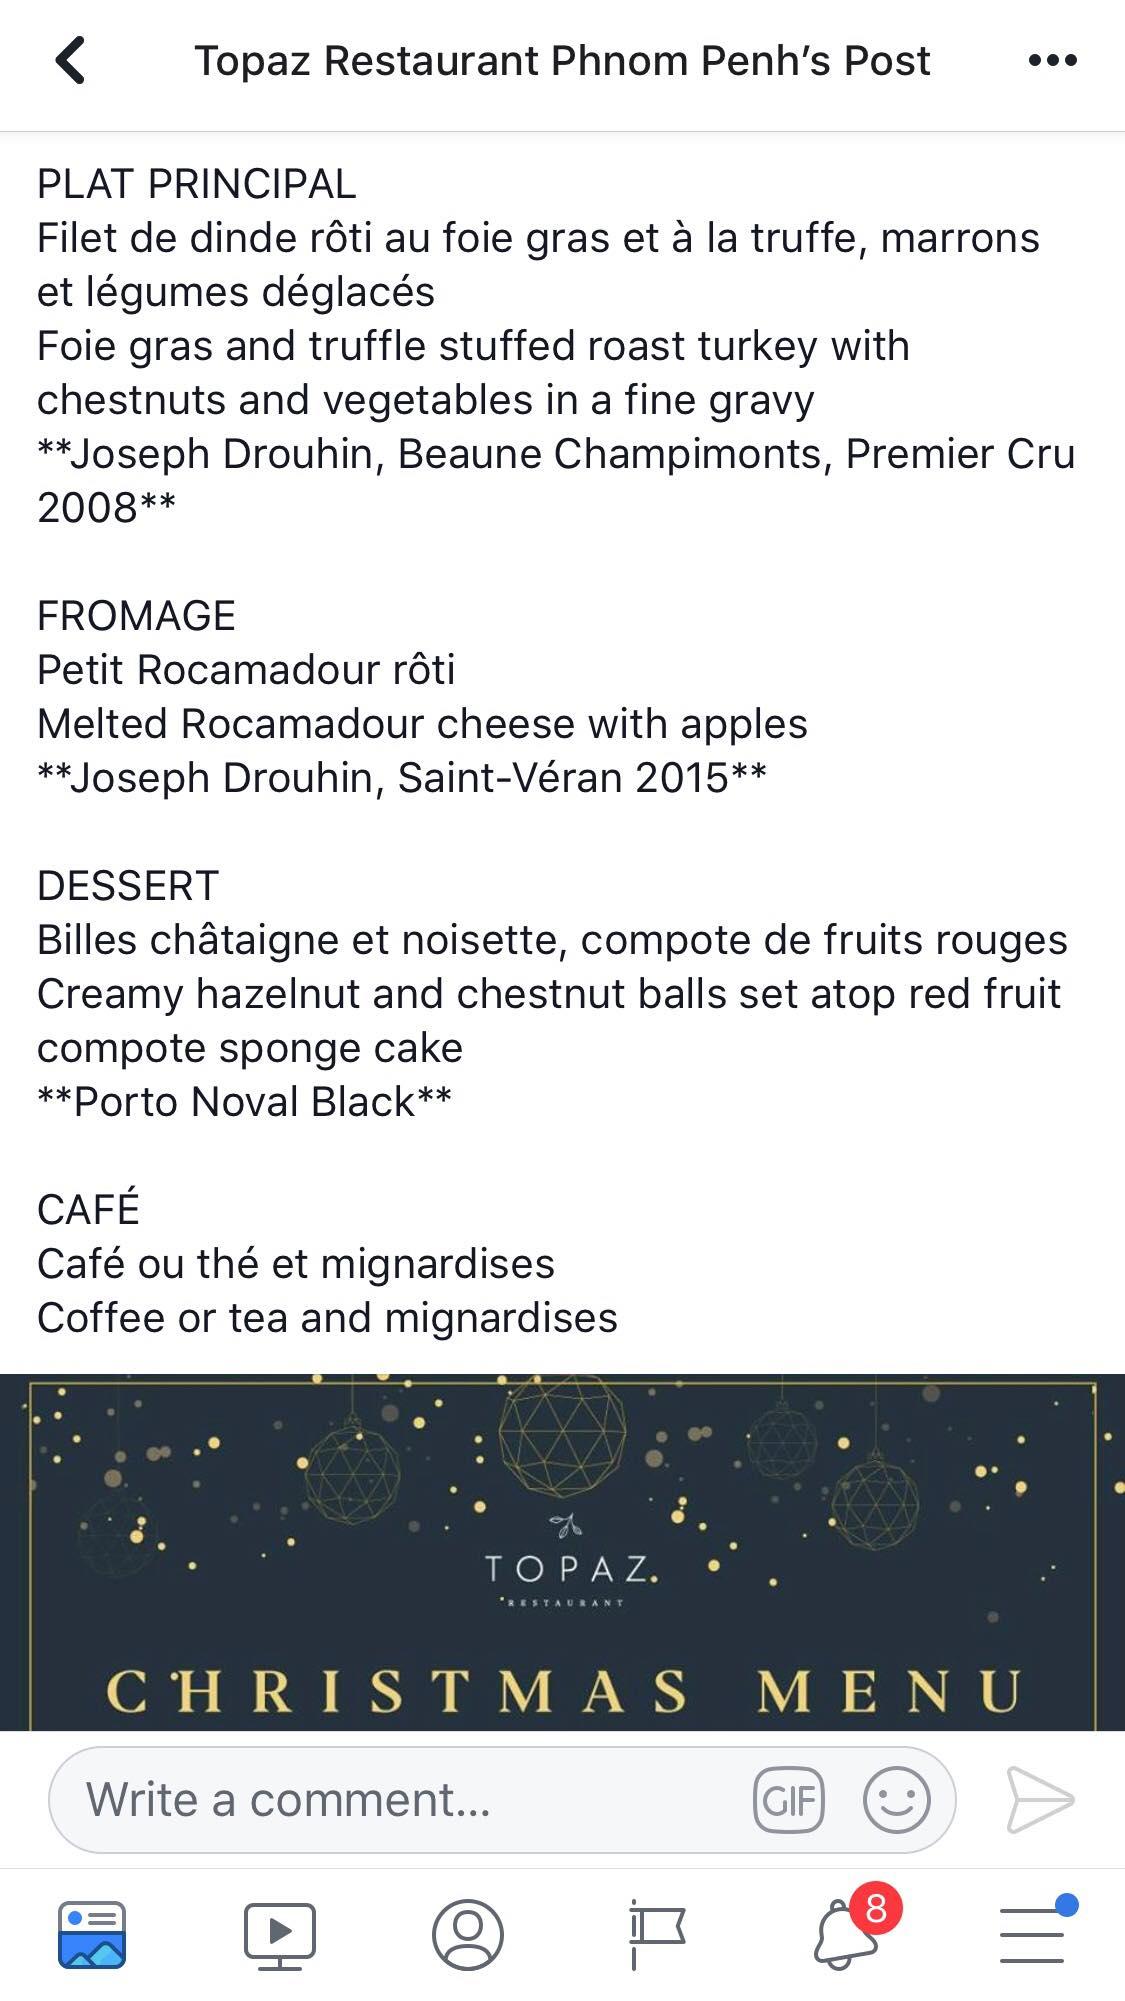 Christmas menu 2